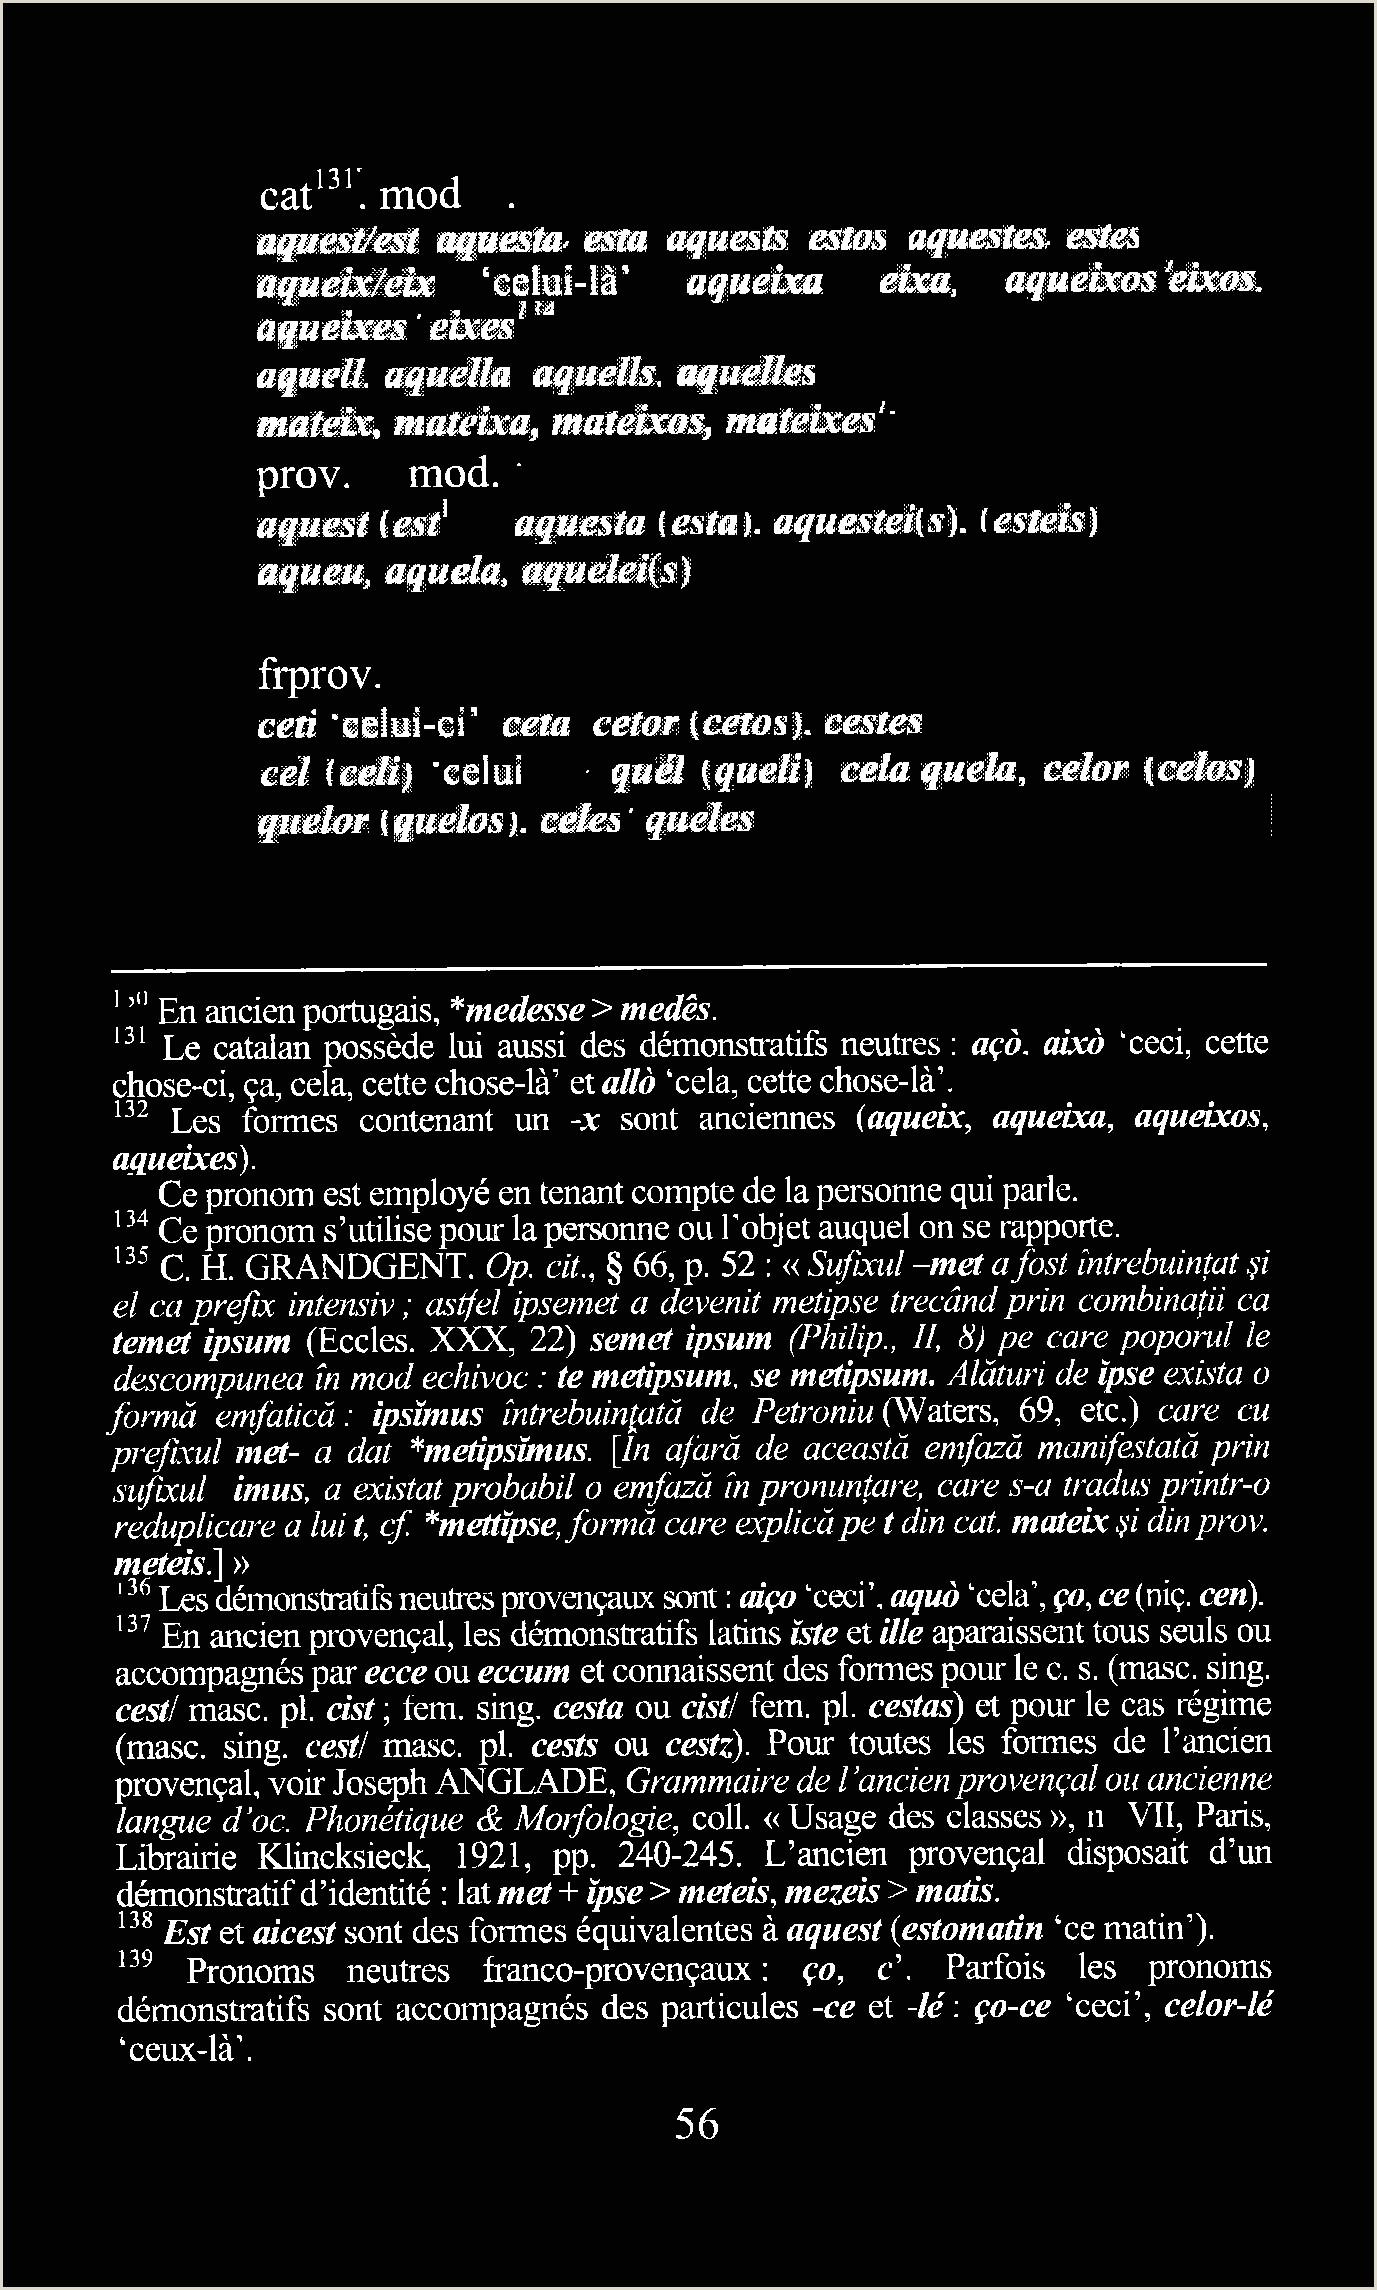 Hoja De Vida Minerva Sencilla P R E C I S Morphologie R O M A N E Adrian Chircu Buftea 4